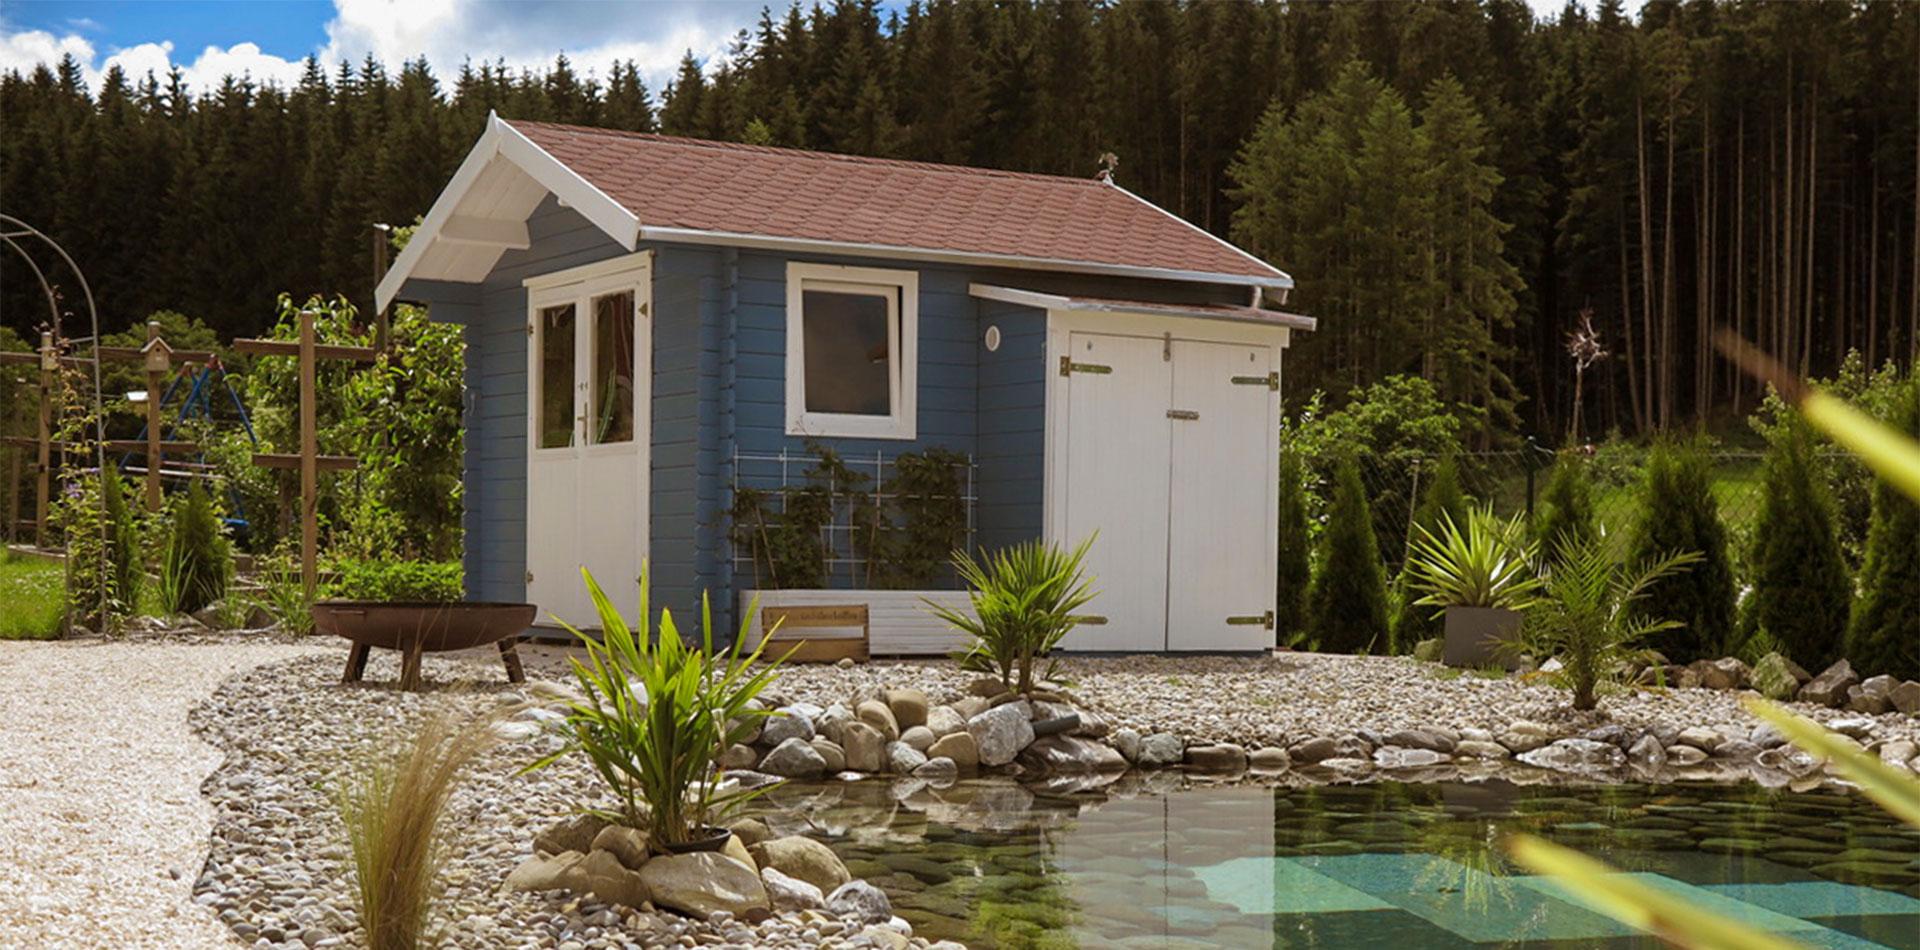 Blaues Satteldach Gartenhaus von WEKA am Teich